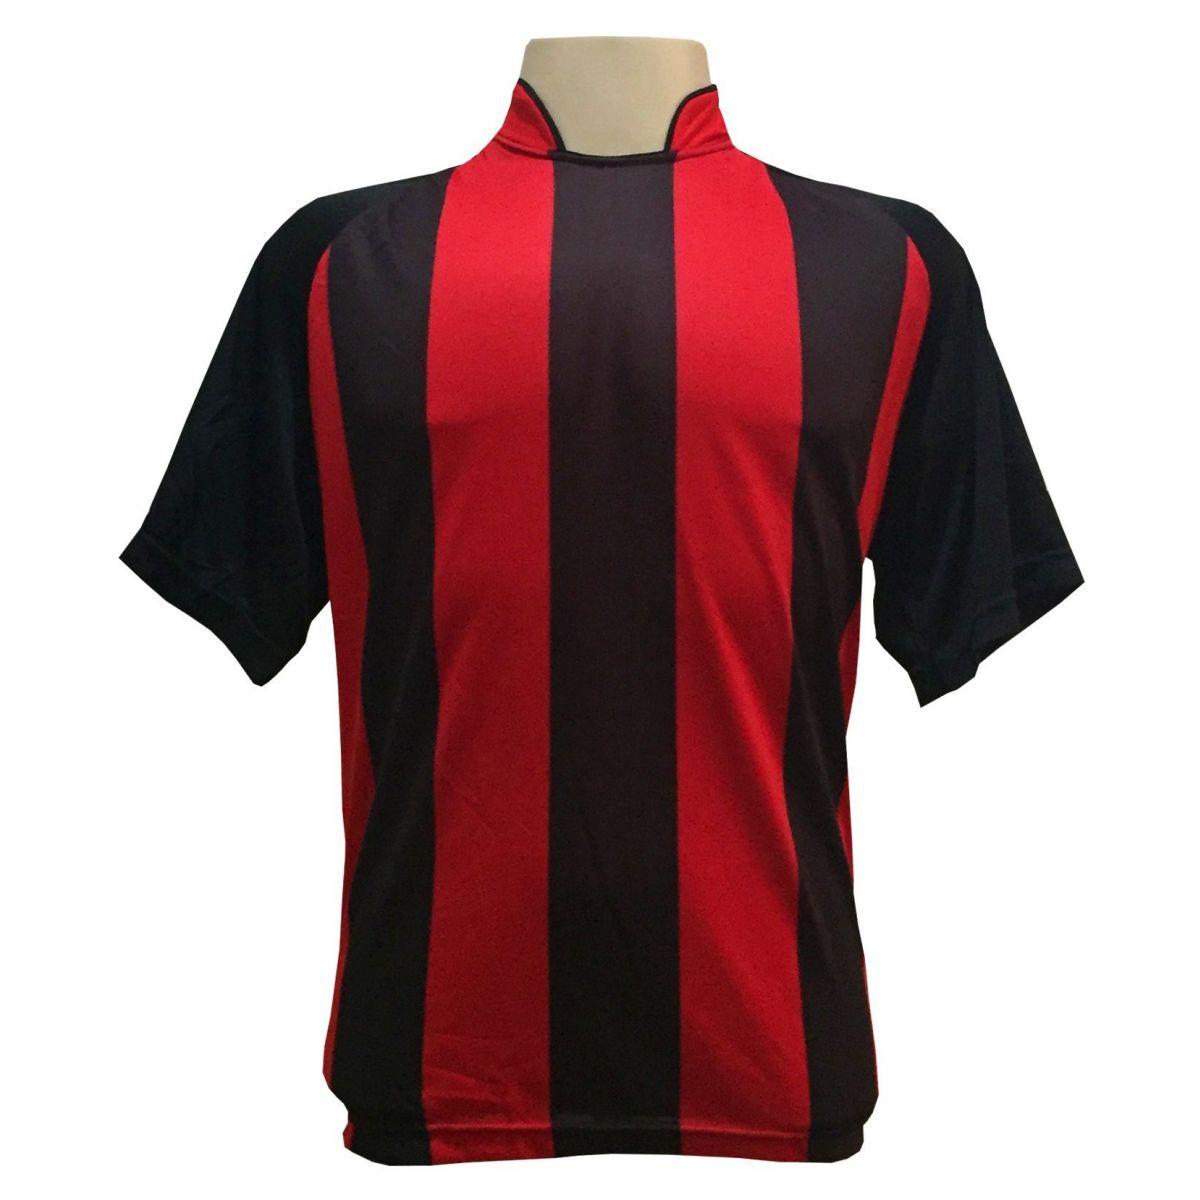 Jogo de Camisa com 18 unidades modelo Milan Preto/Vermelho + Brindes